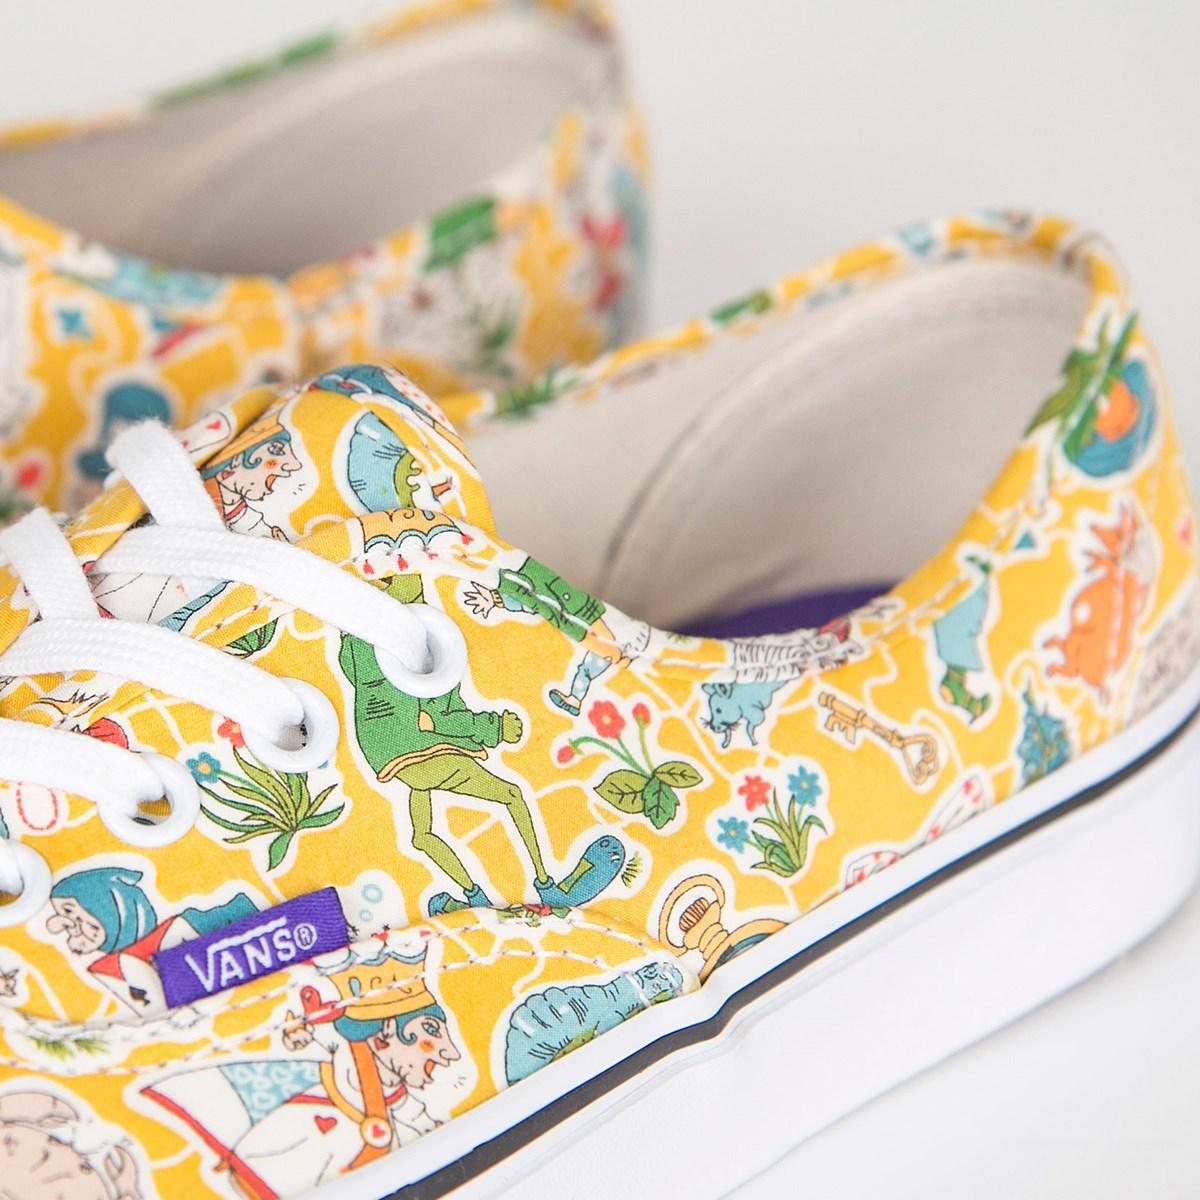 9b7d74bde7 Vans Authentic - Zukfhi - Sneakersnstuff